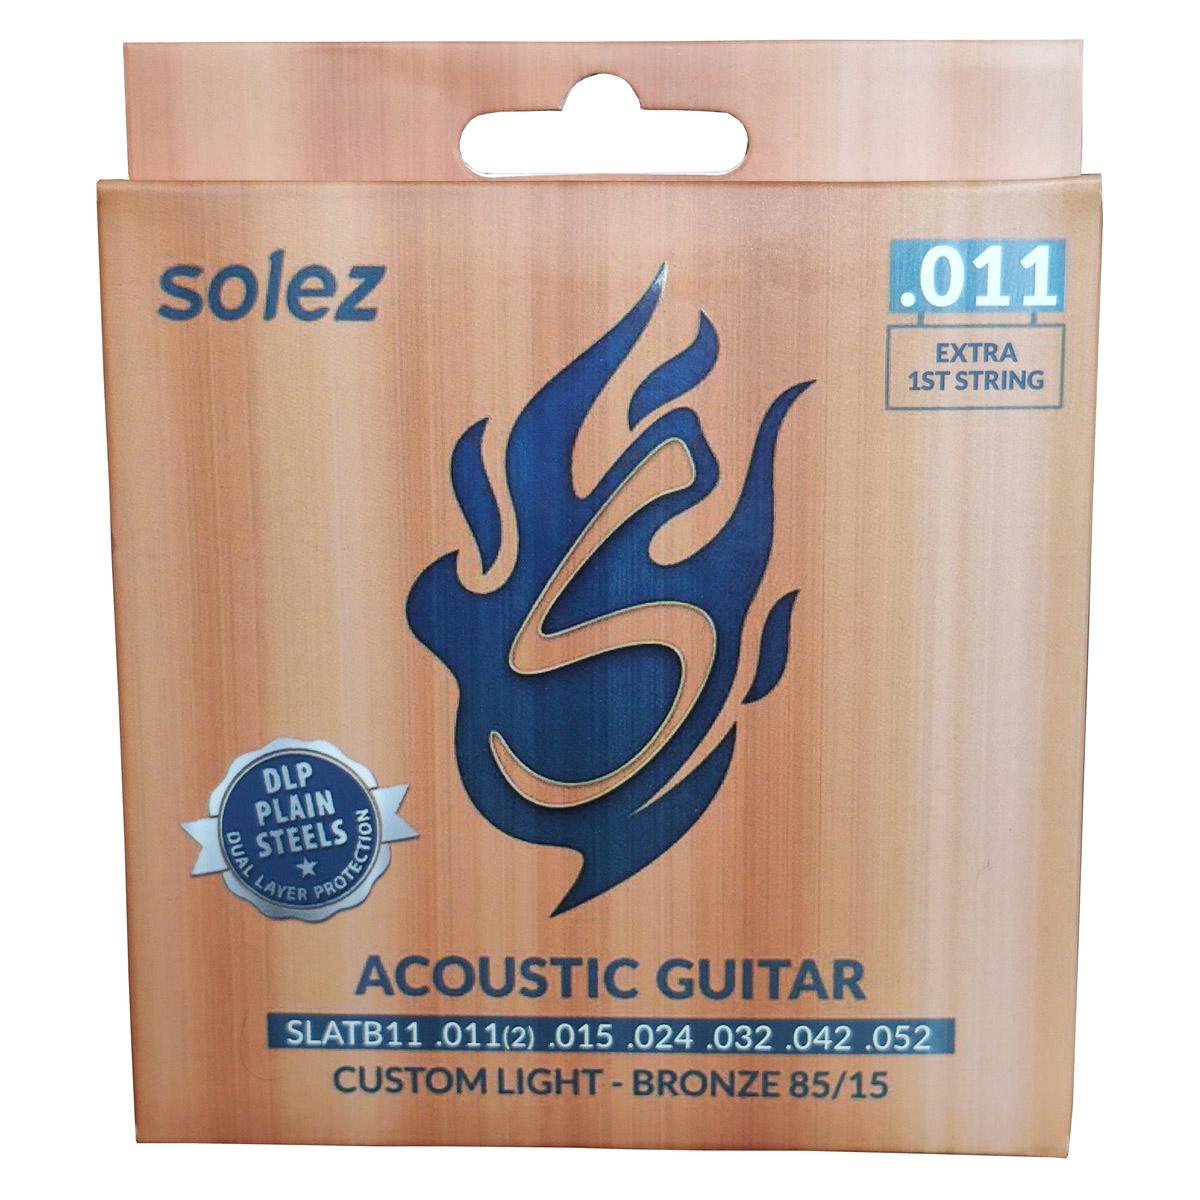 Jogo de Cordas p/ Violão Acústico 011 Custom Light Bronze 85 / 15 - Solez  - RS Som e Luz!